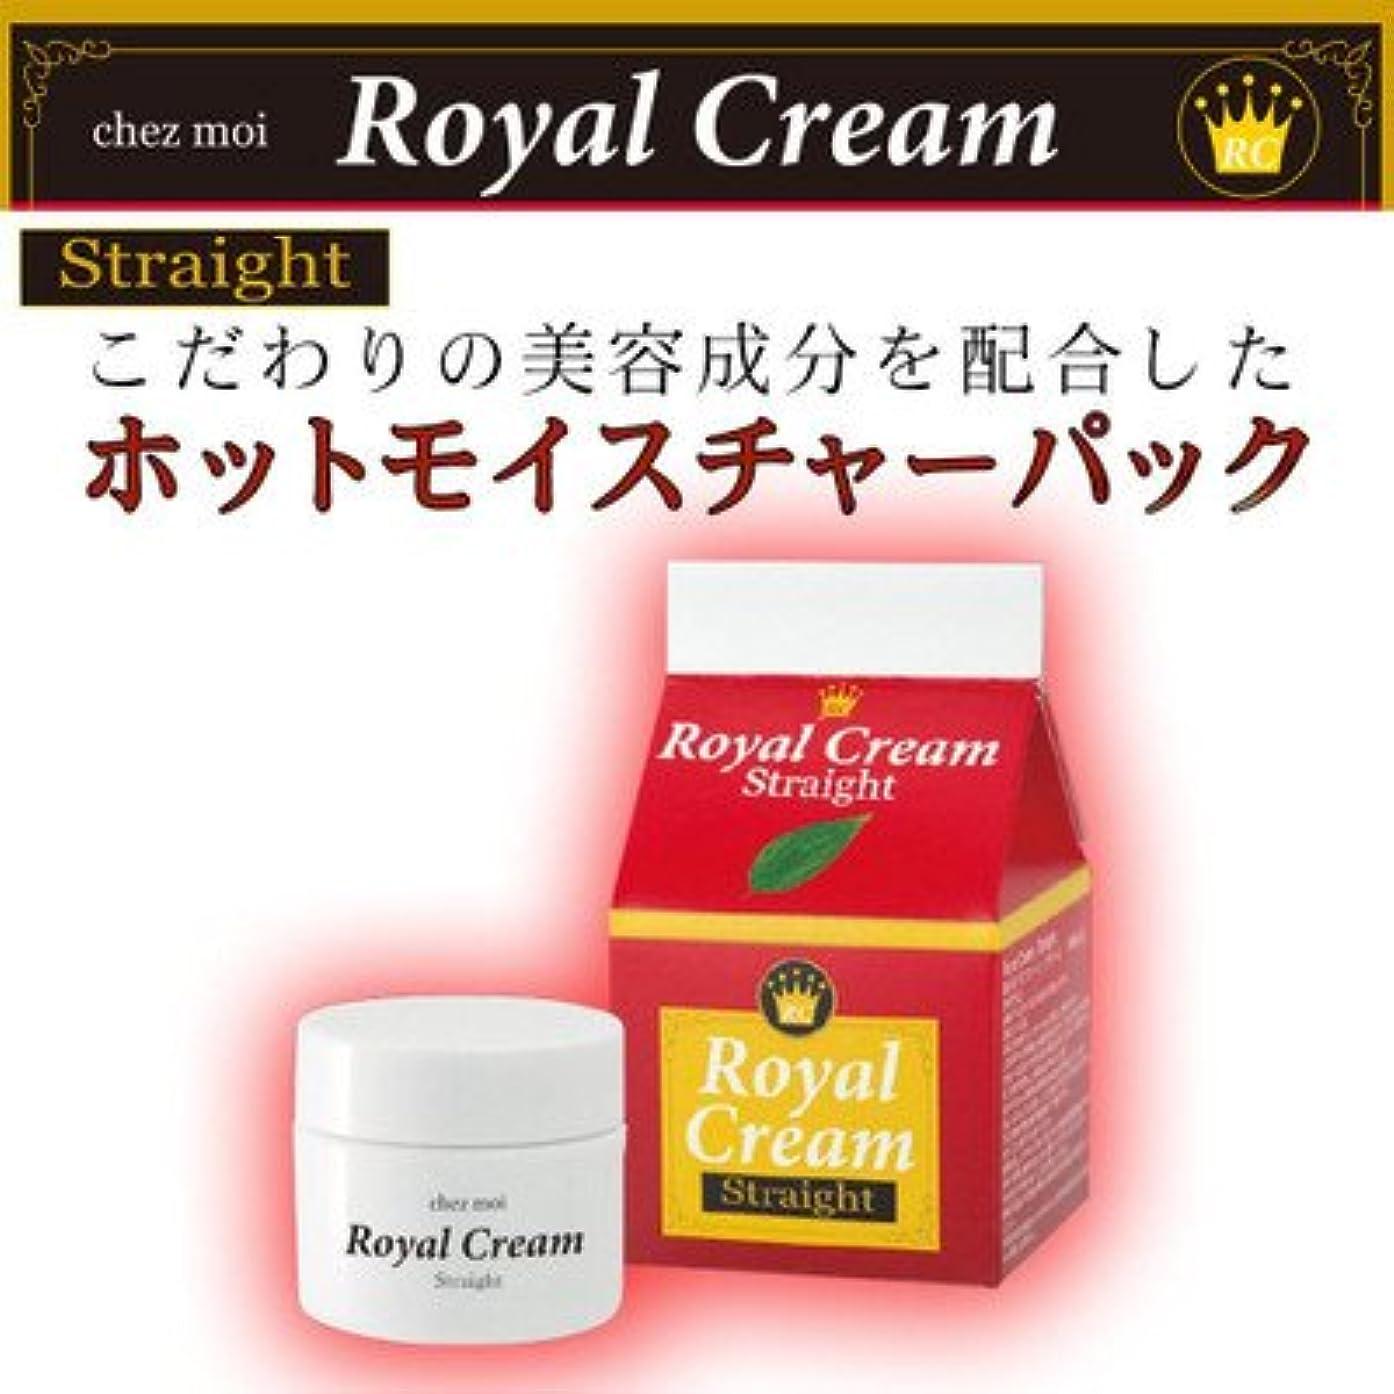 軽蔑する副従順な99%以上植物由来美容成分配合の 温感保湿パック Royal Cream ロイヤルクリーム Straight ストレート モイスチャーパック 30g